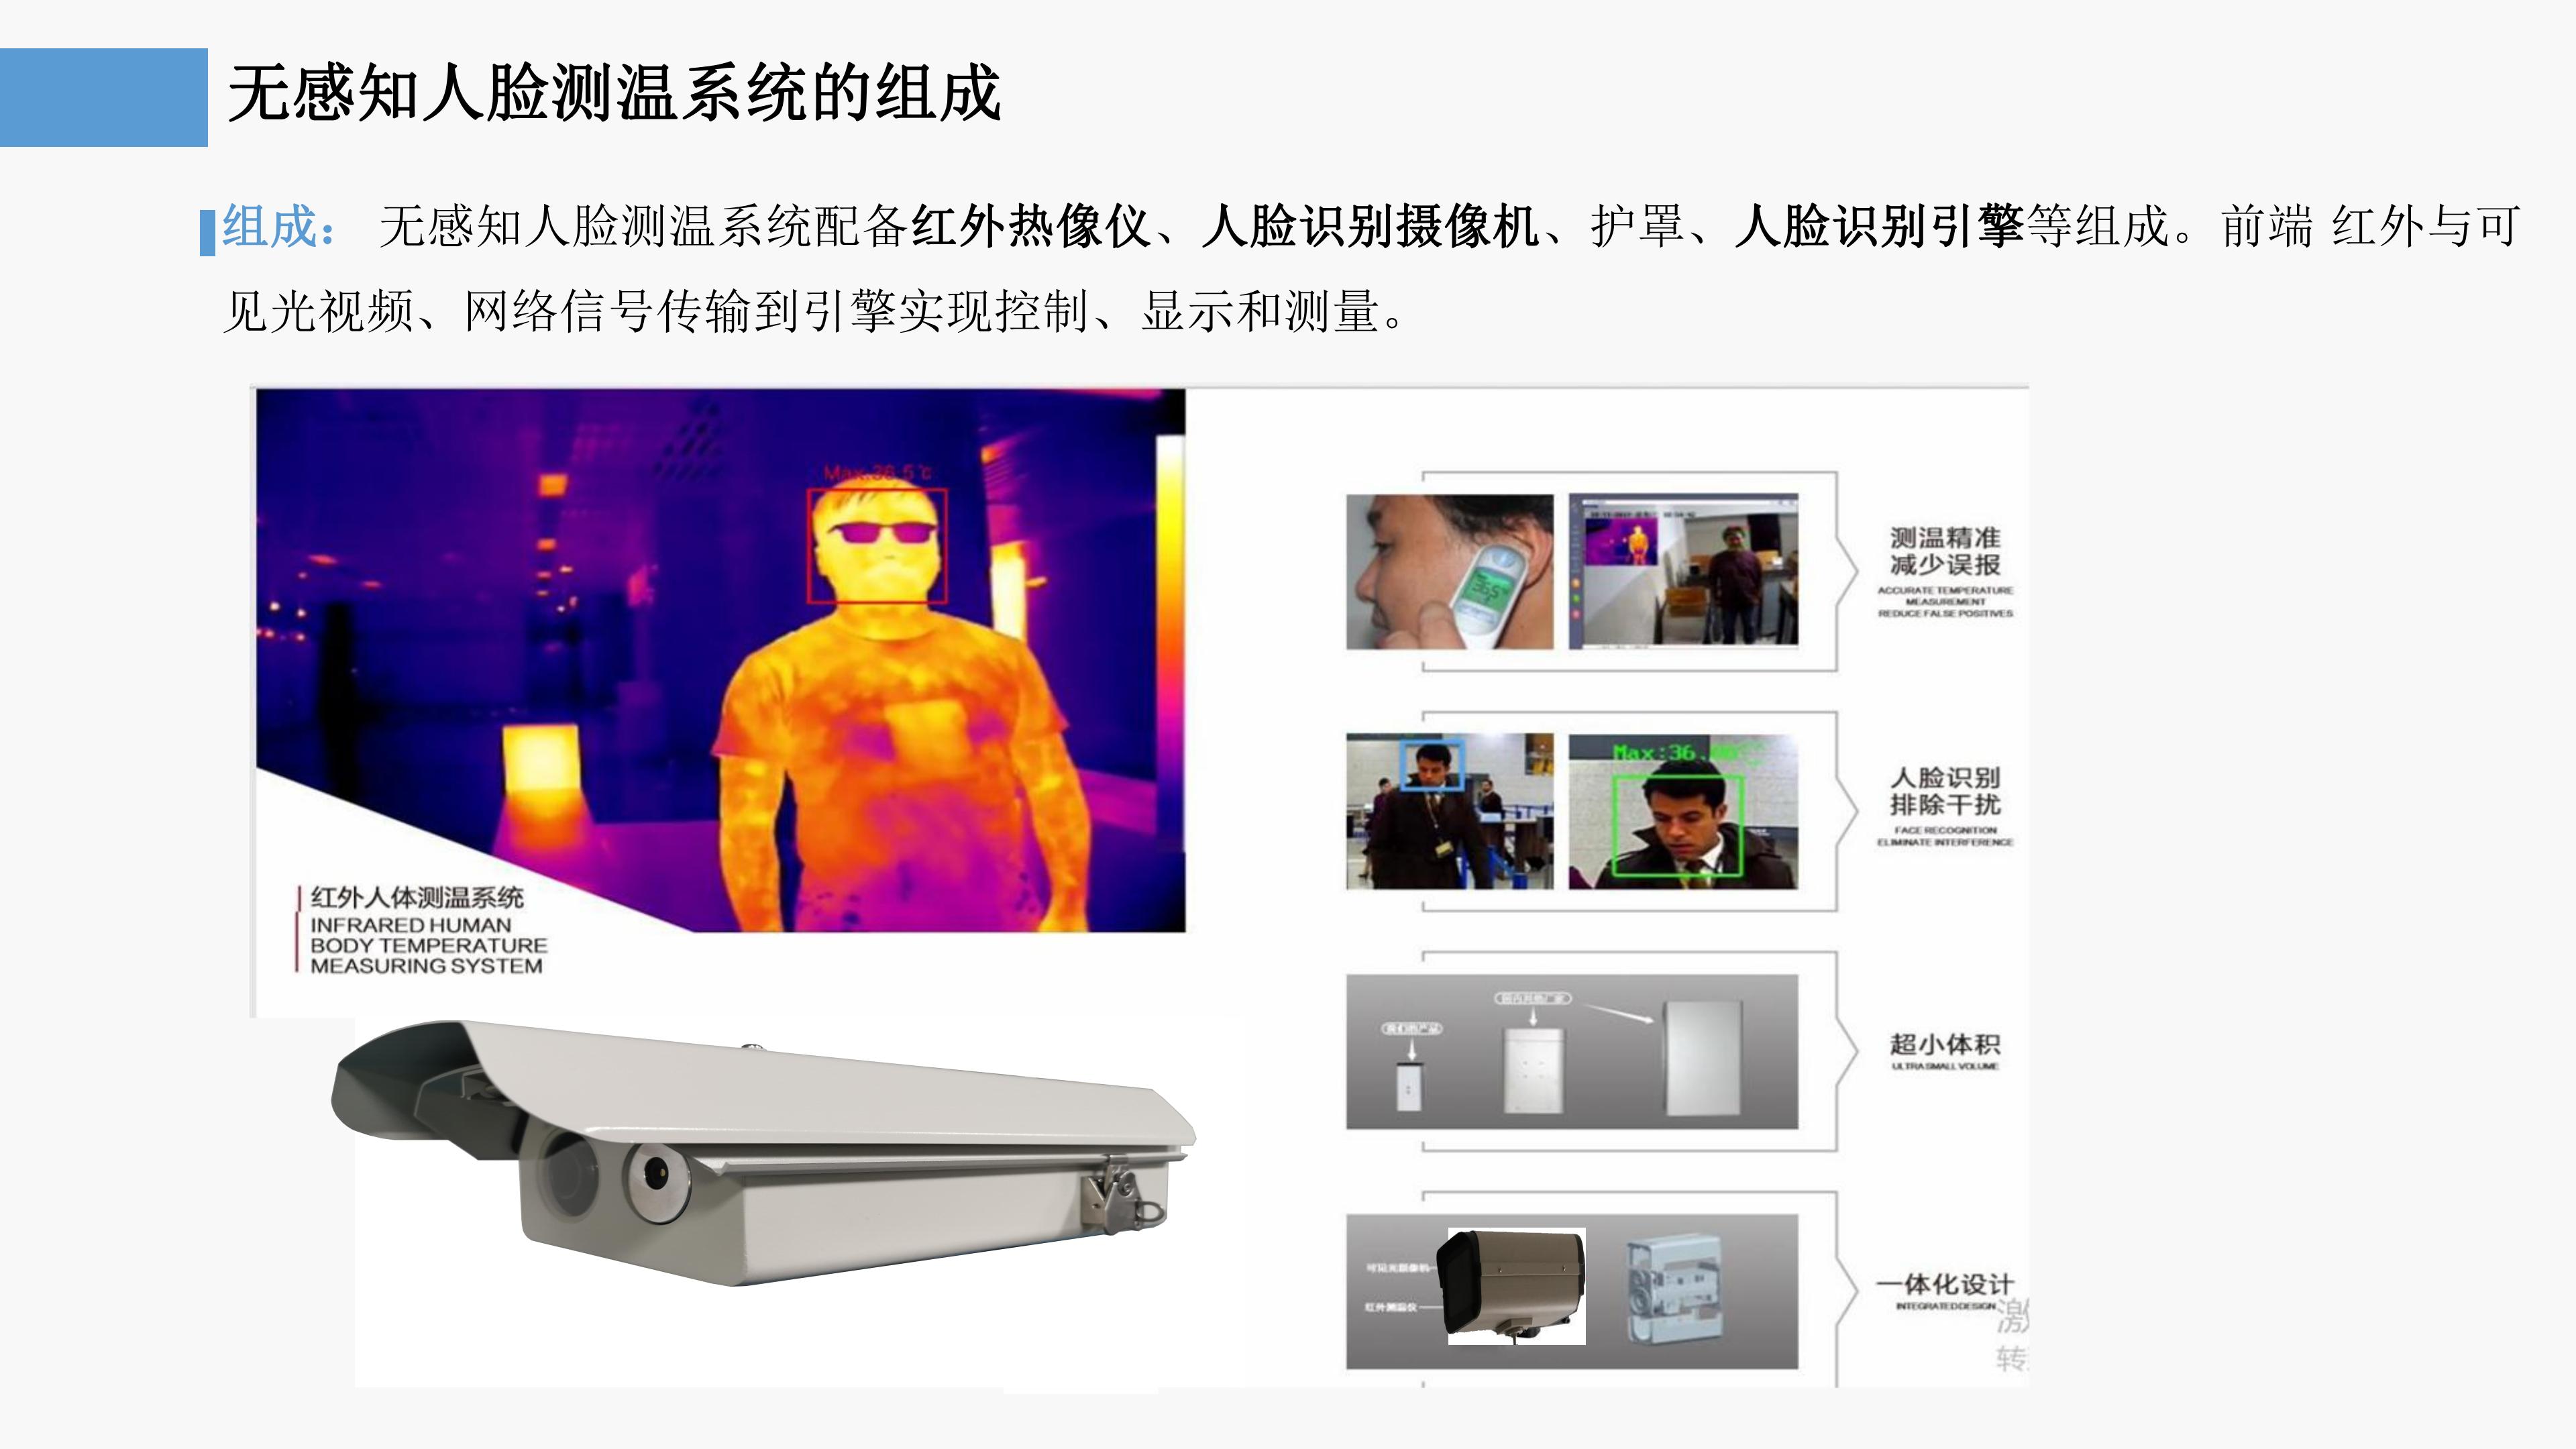 金股公司无感知人脸测温系统-通用版本_03